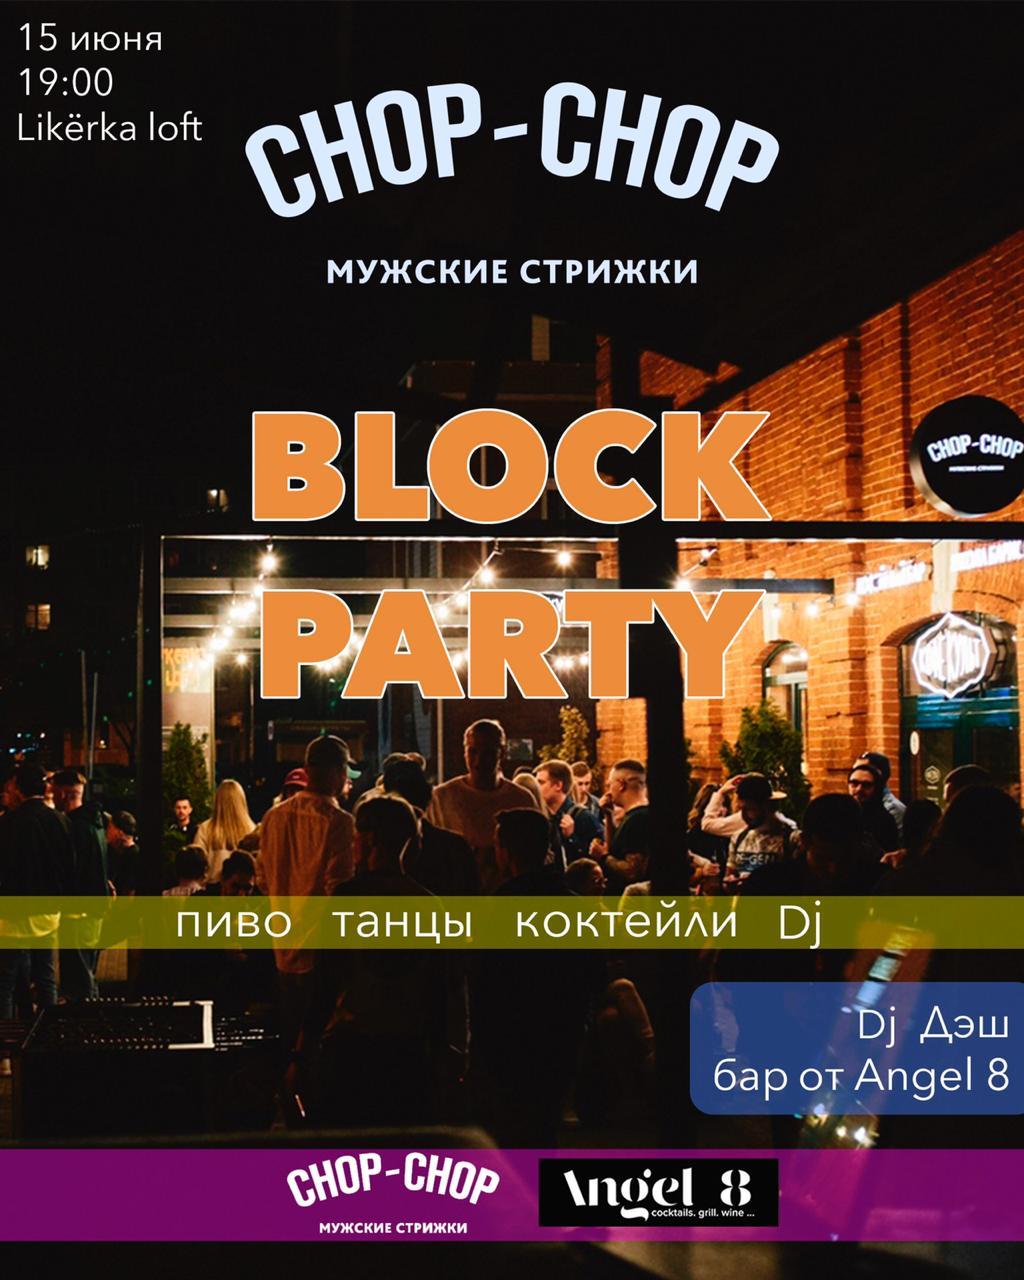 BLOCK PARTY от CHOP-CHOP